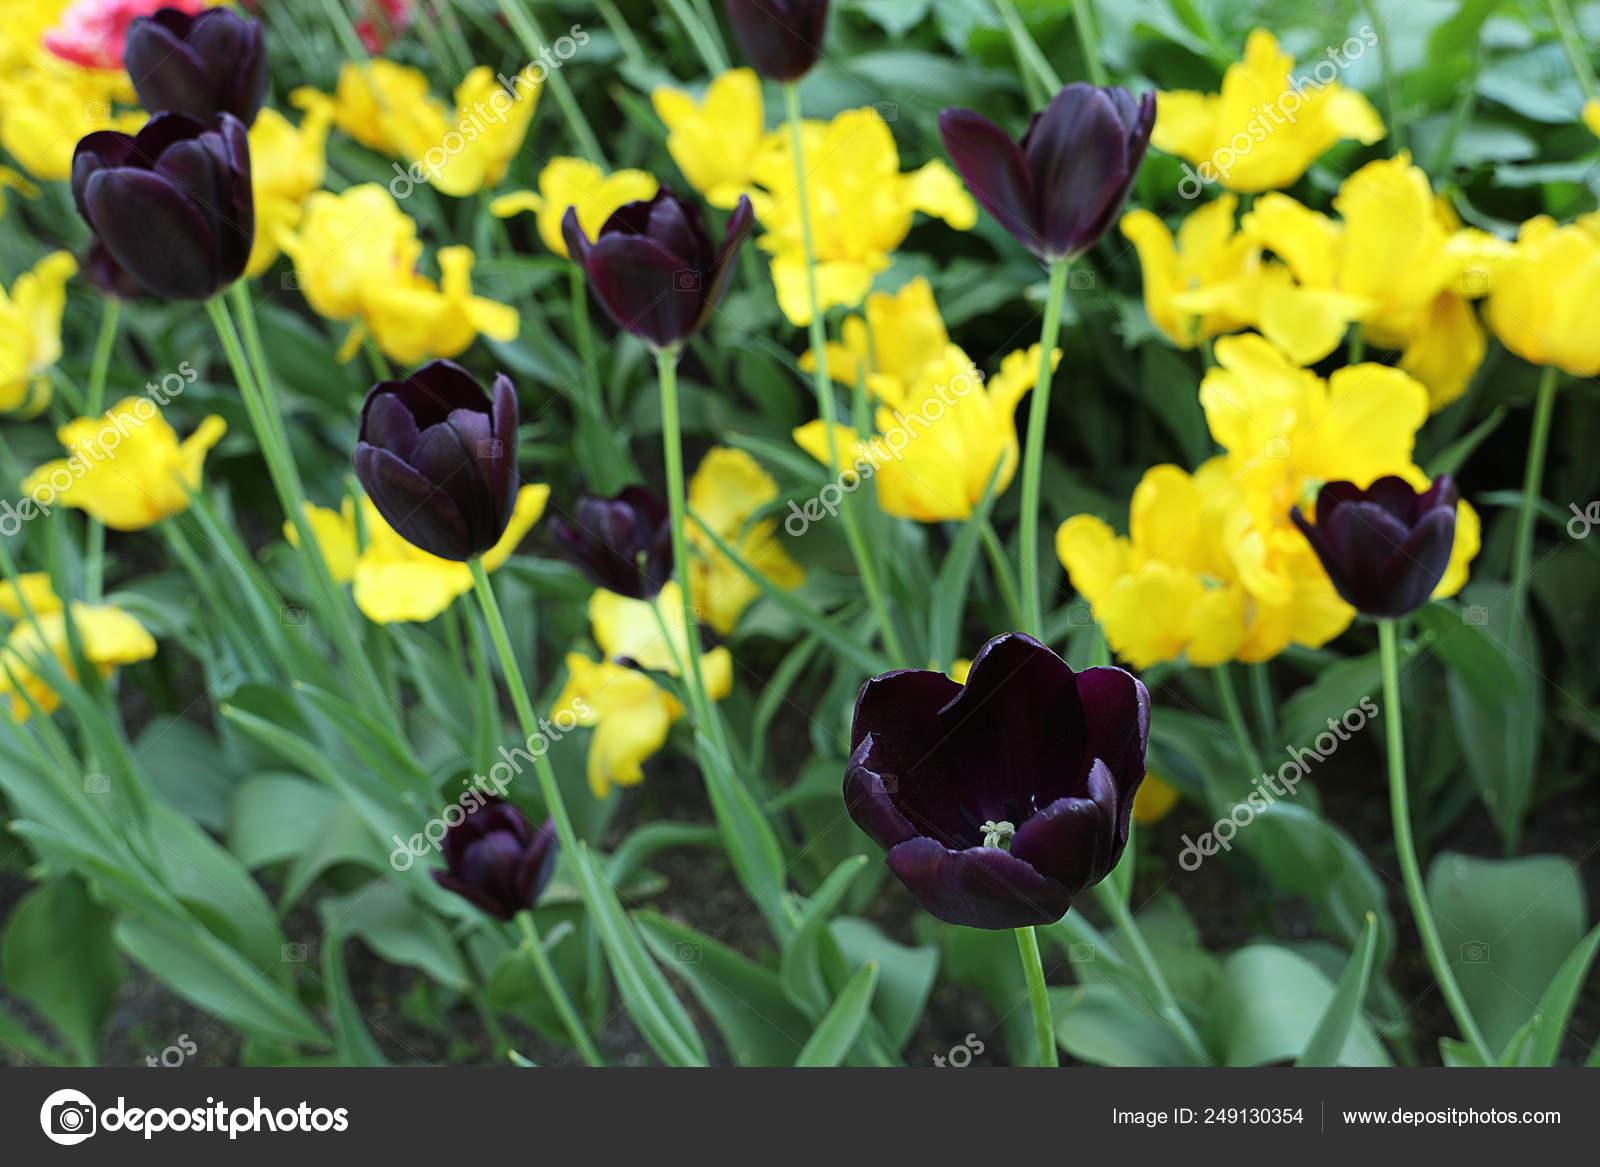 Fleurs Colorées Tulipe Pourpre Et Jaune Foncé. Plate Bande Fleurie Dans Le  Jardin De Printempsu2013 Images De Stock Libres De Droits